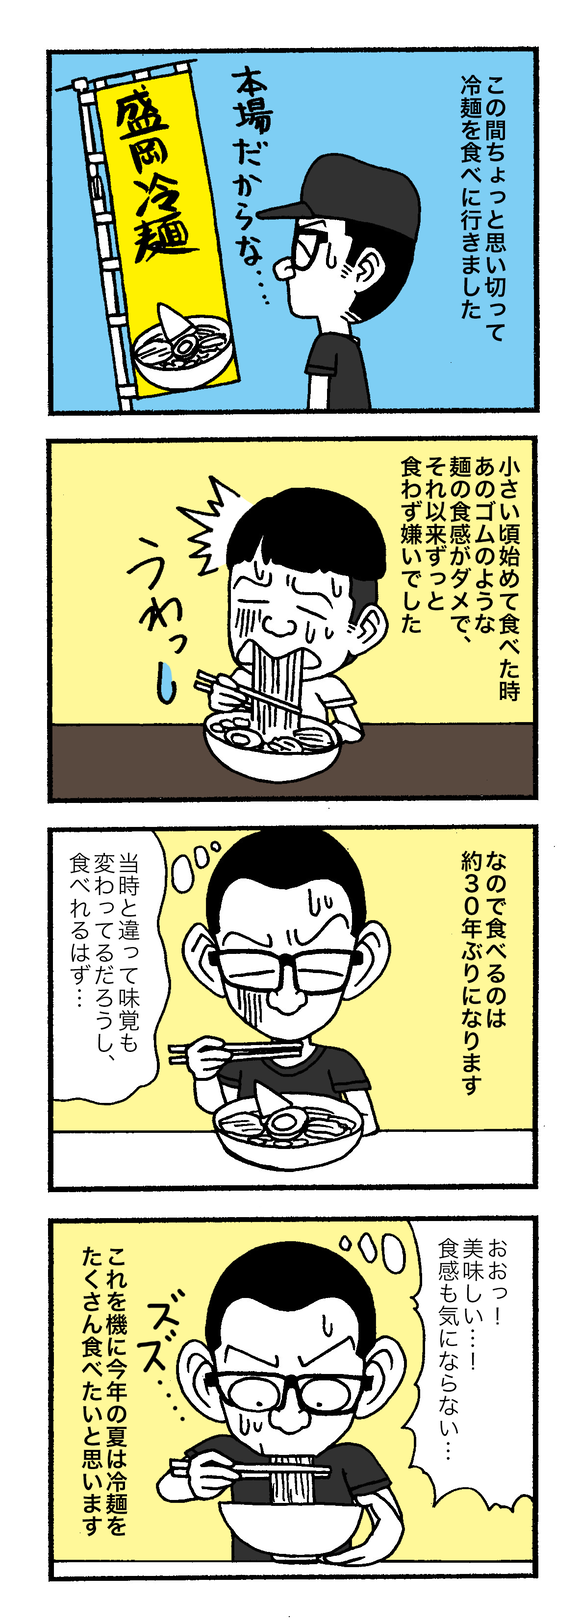 食わず嫌い克服